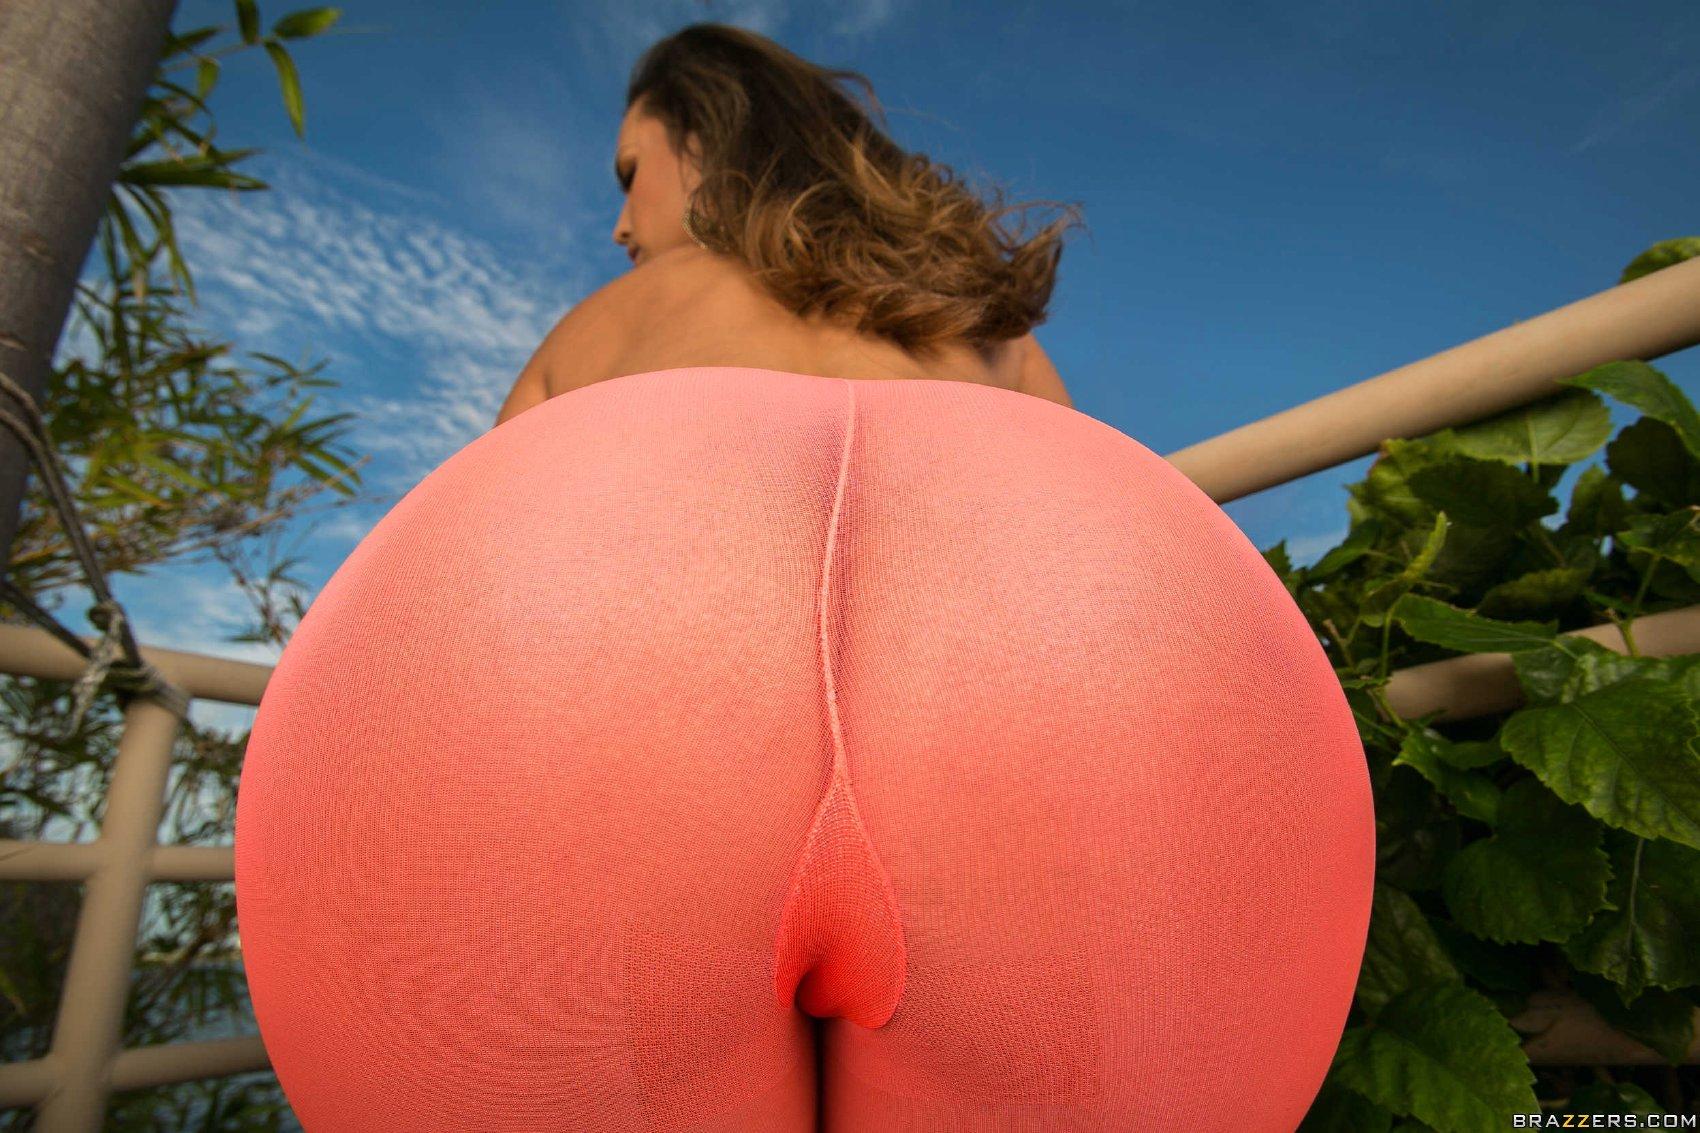 Hot thight butt kelsi monroe anal 7